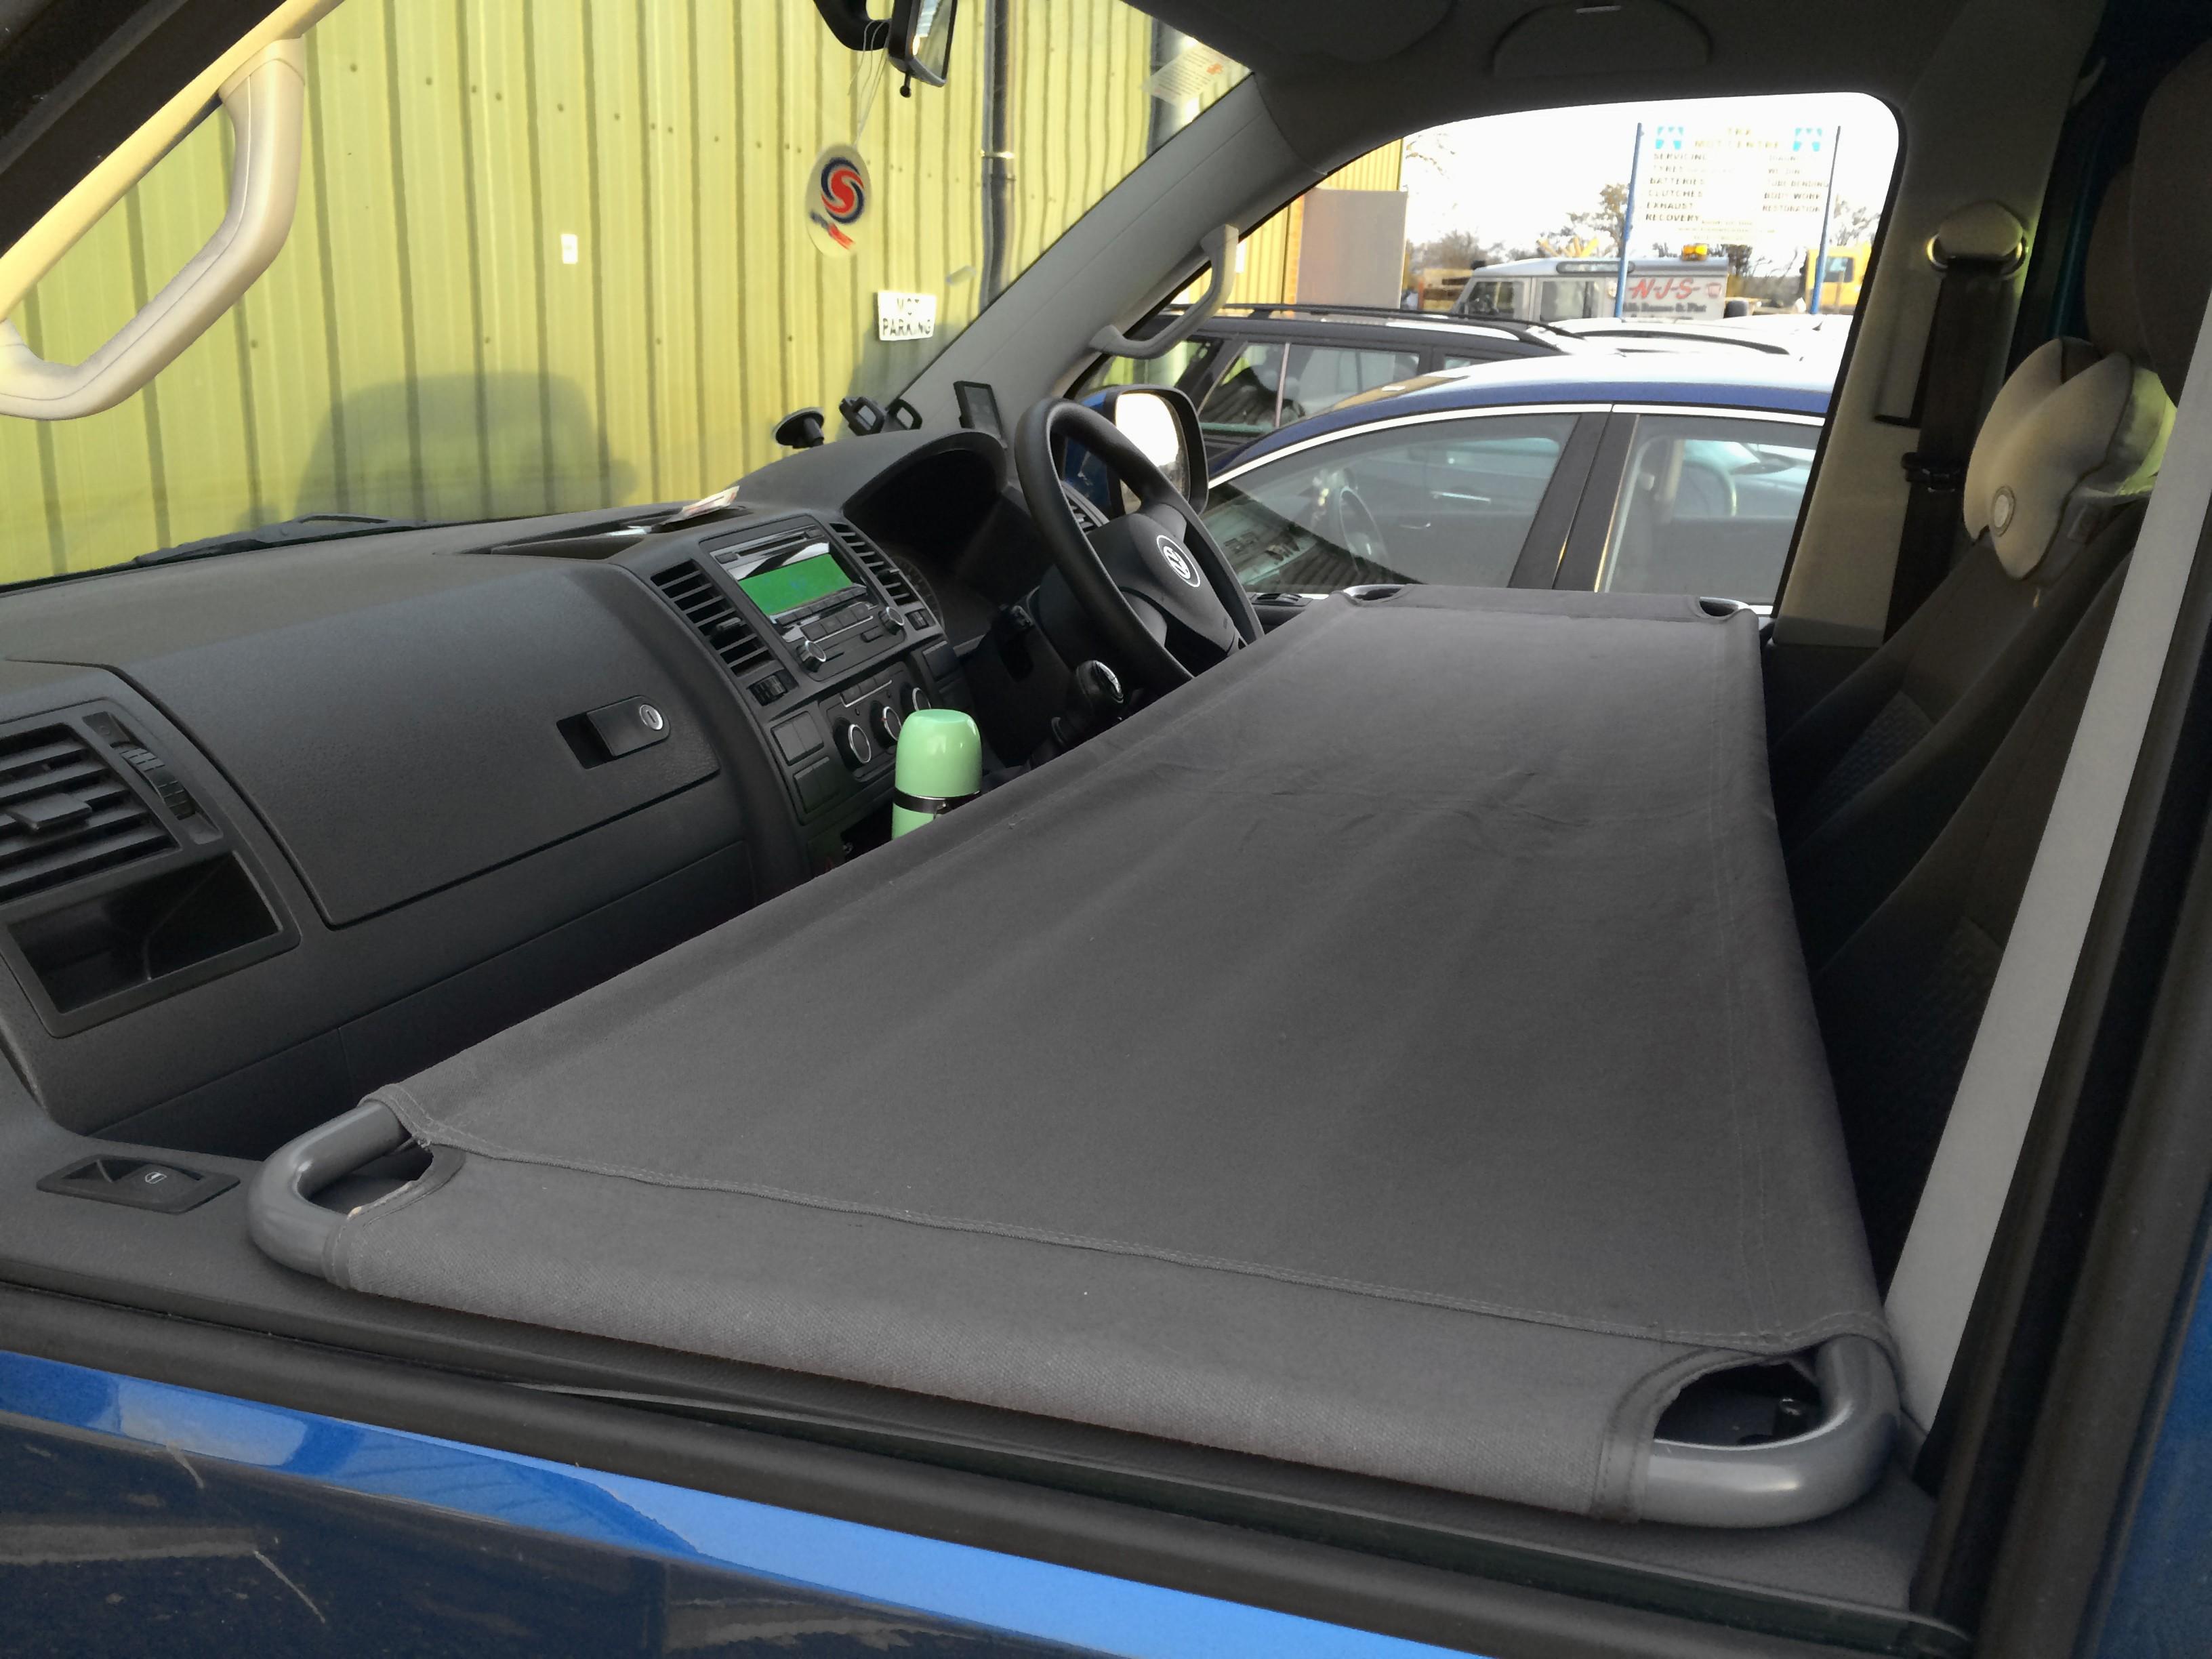 German Quality Cab Child Bunk For Vw T5 T6 Nla Vw Parts